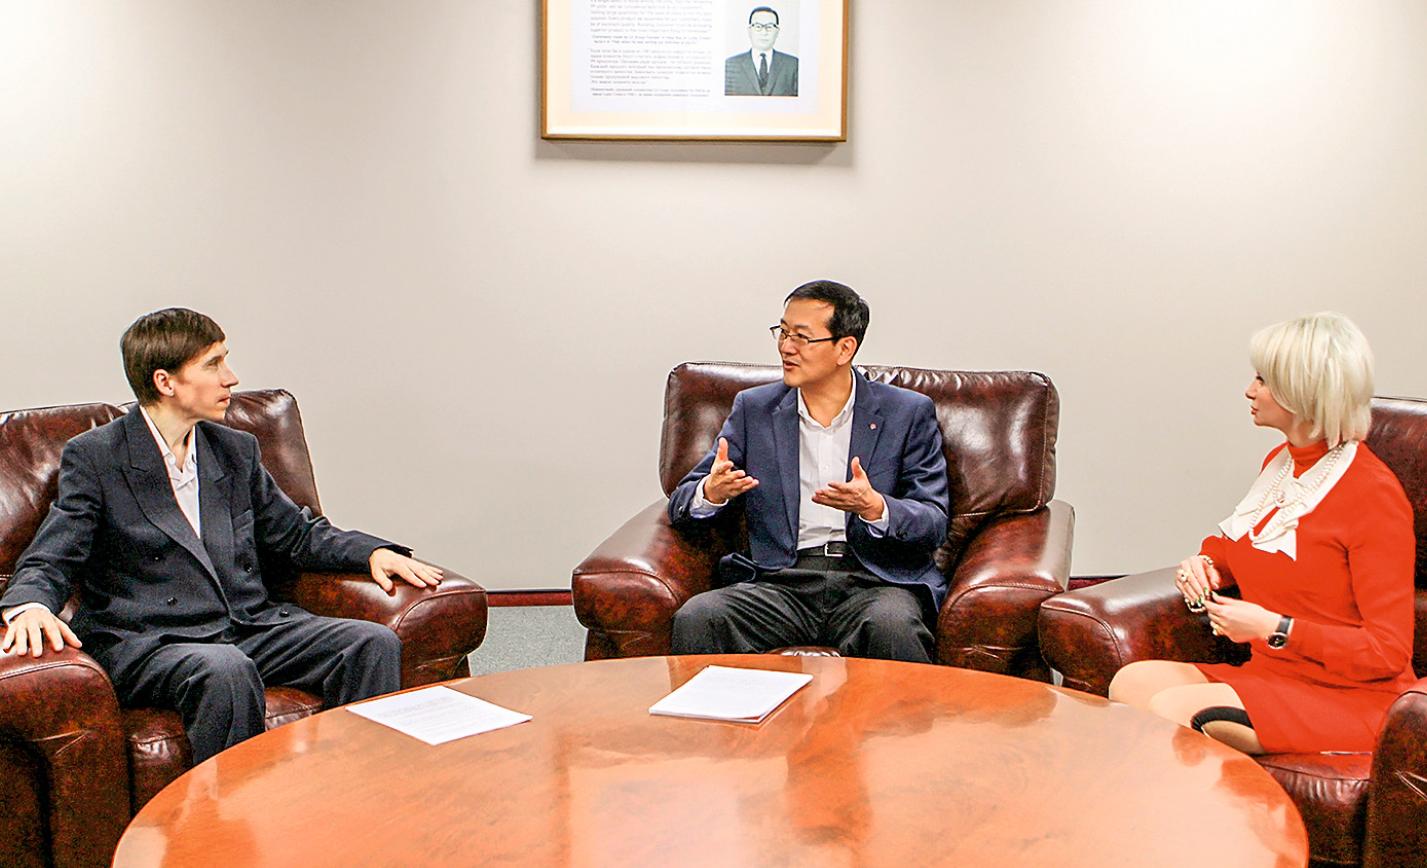 Иль Хван Ли, LG Electronics — слово о бизнесе и добрых делах. 4/2017. Фото 1